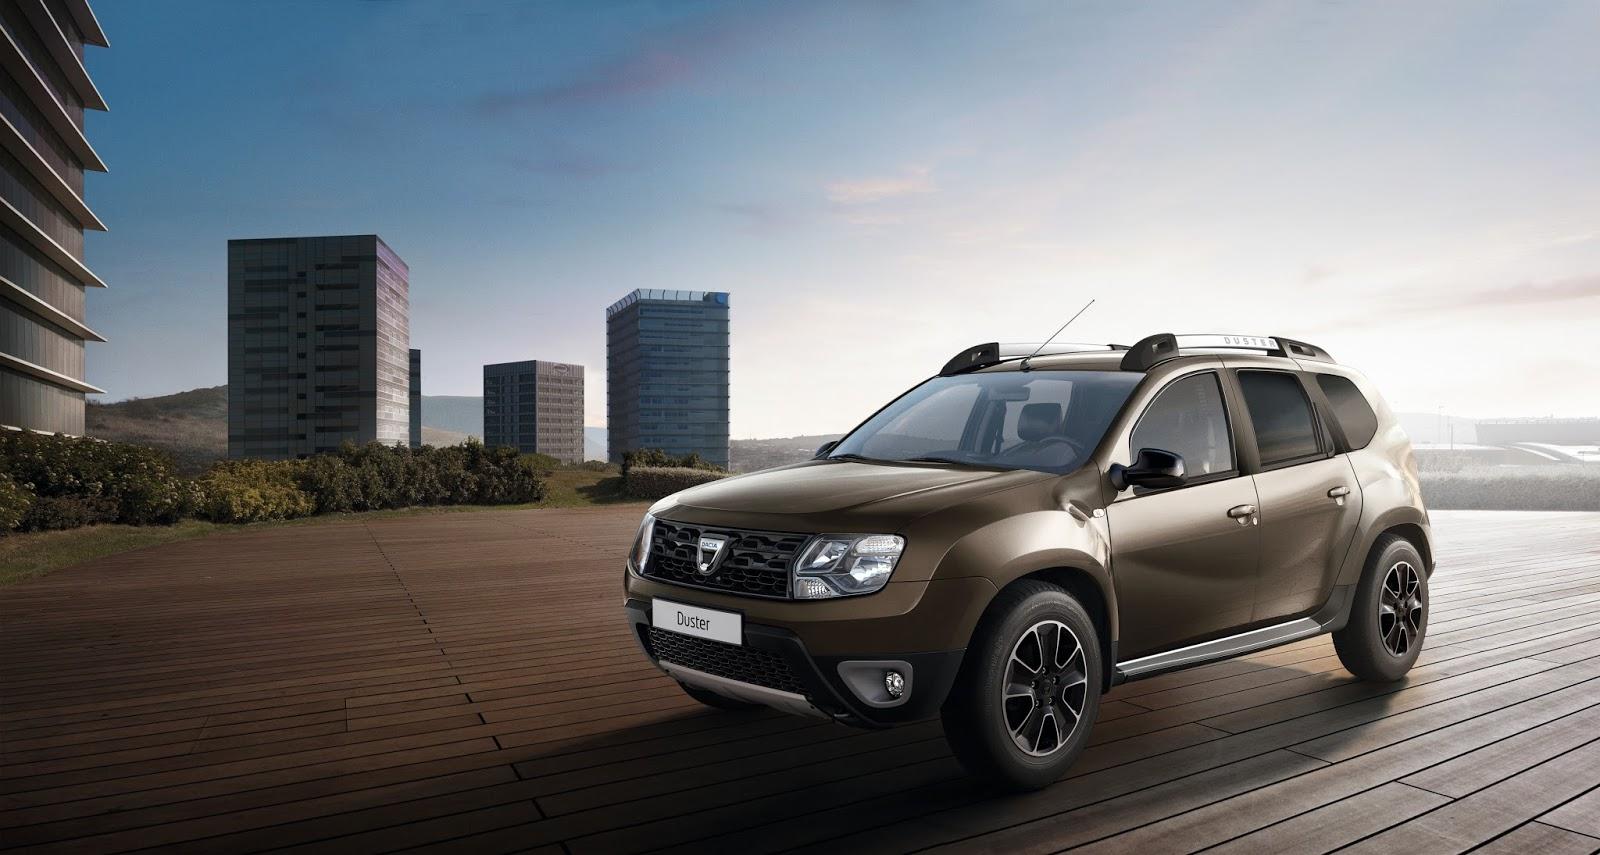 Nuova Dacia  Duster Restyling prezzi | Prezzo base e listino ufficiale